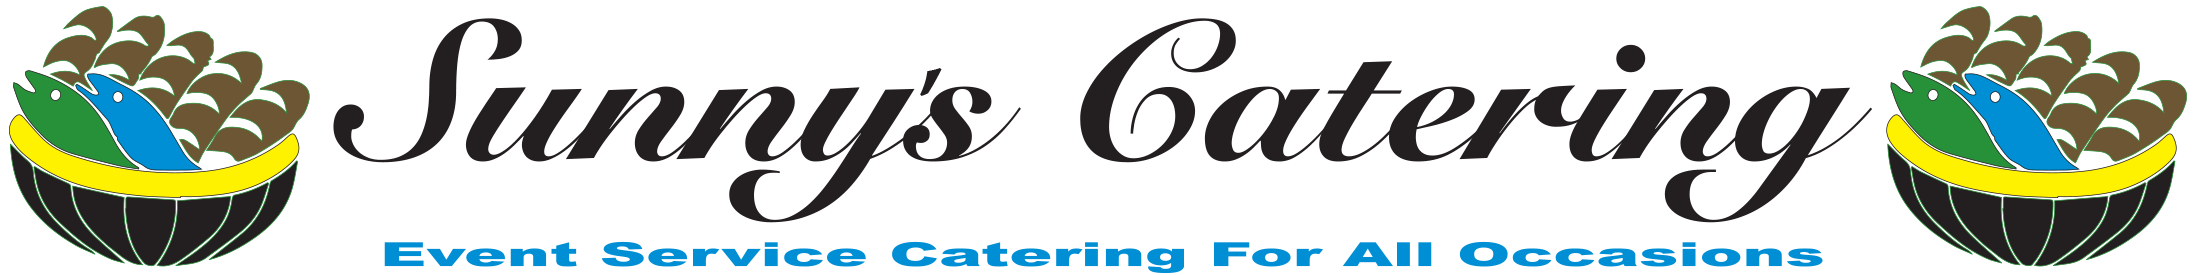 Sunnys Catering Retina Logo